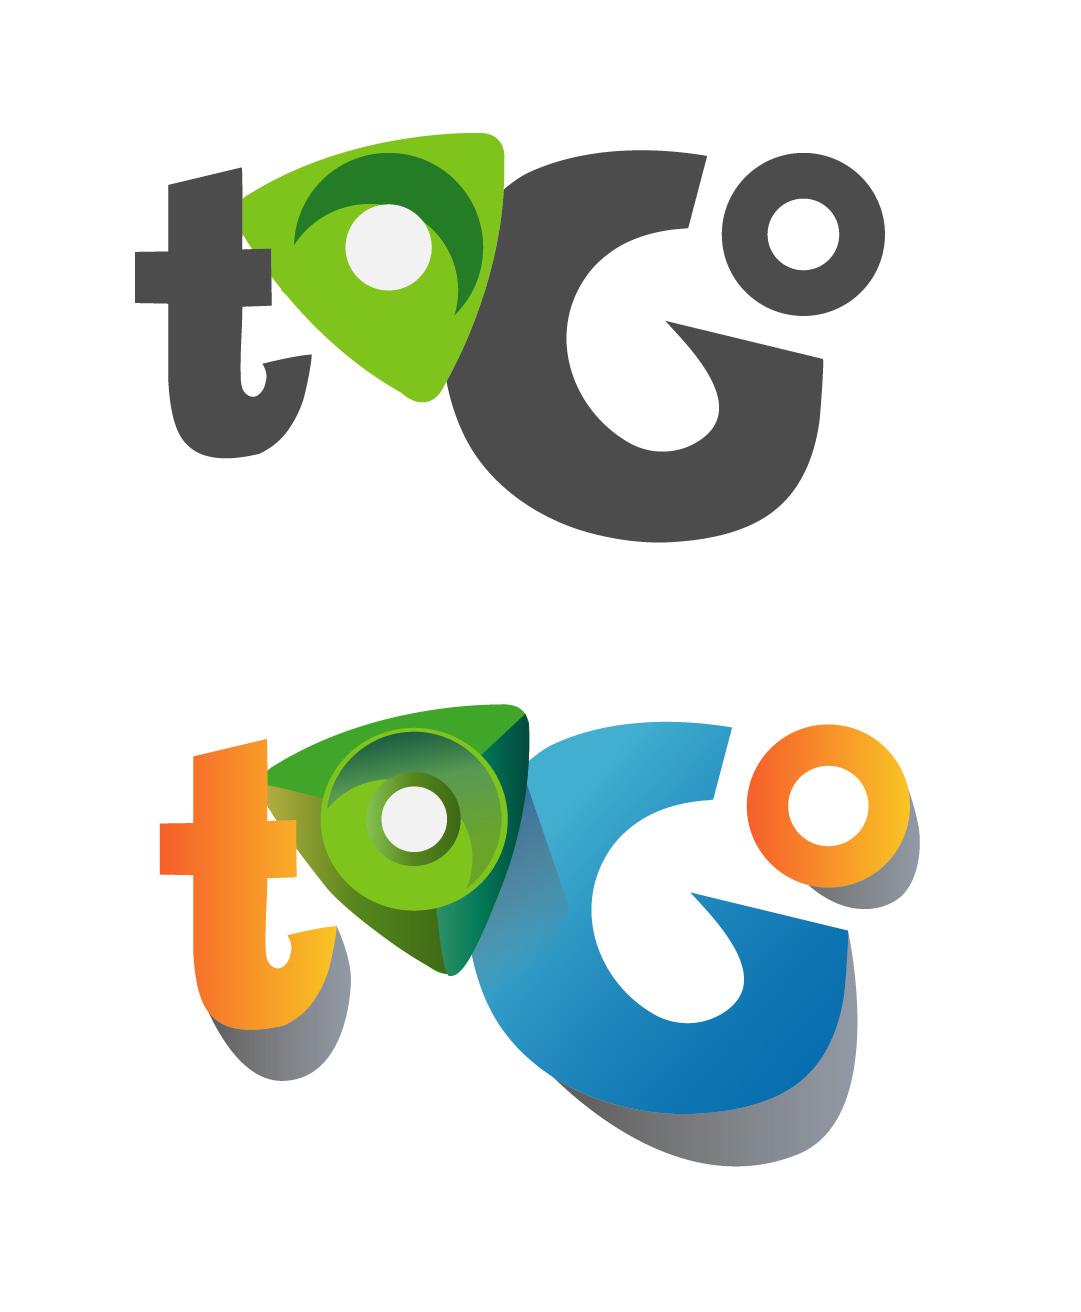 Разработать логотип и экран загрузки приложения фото f_5175a817636c19de.jpg